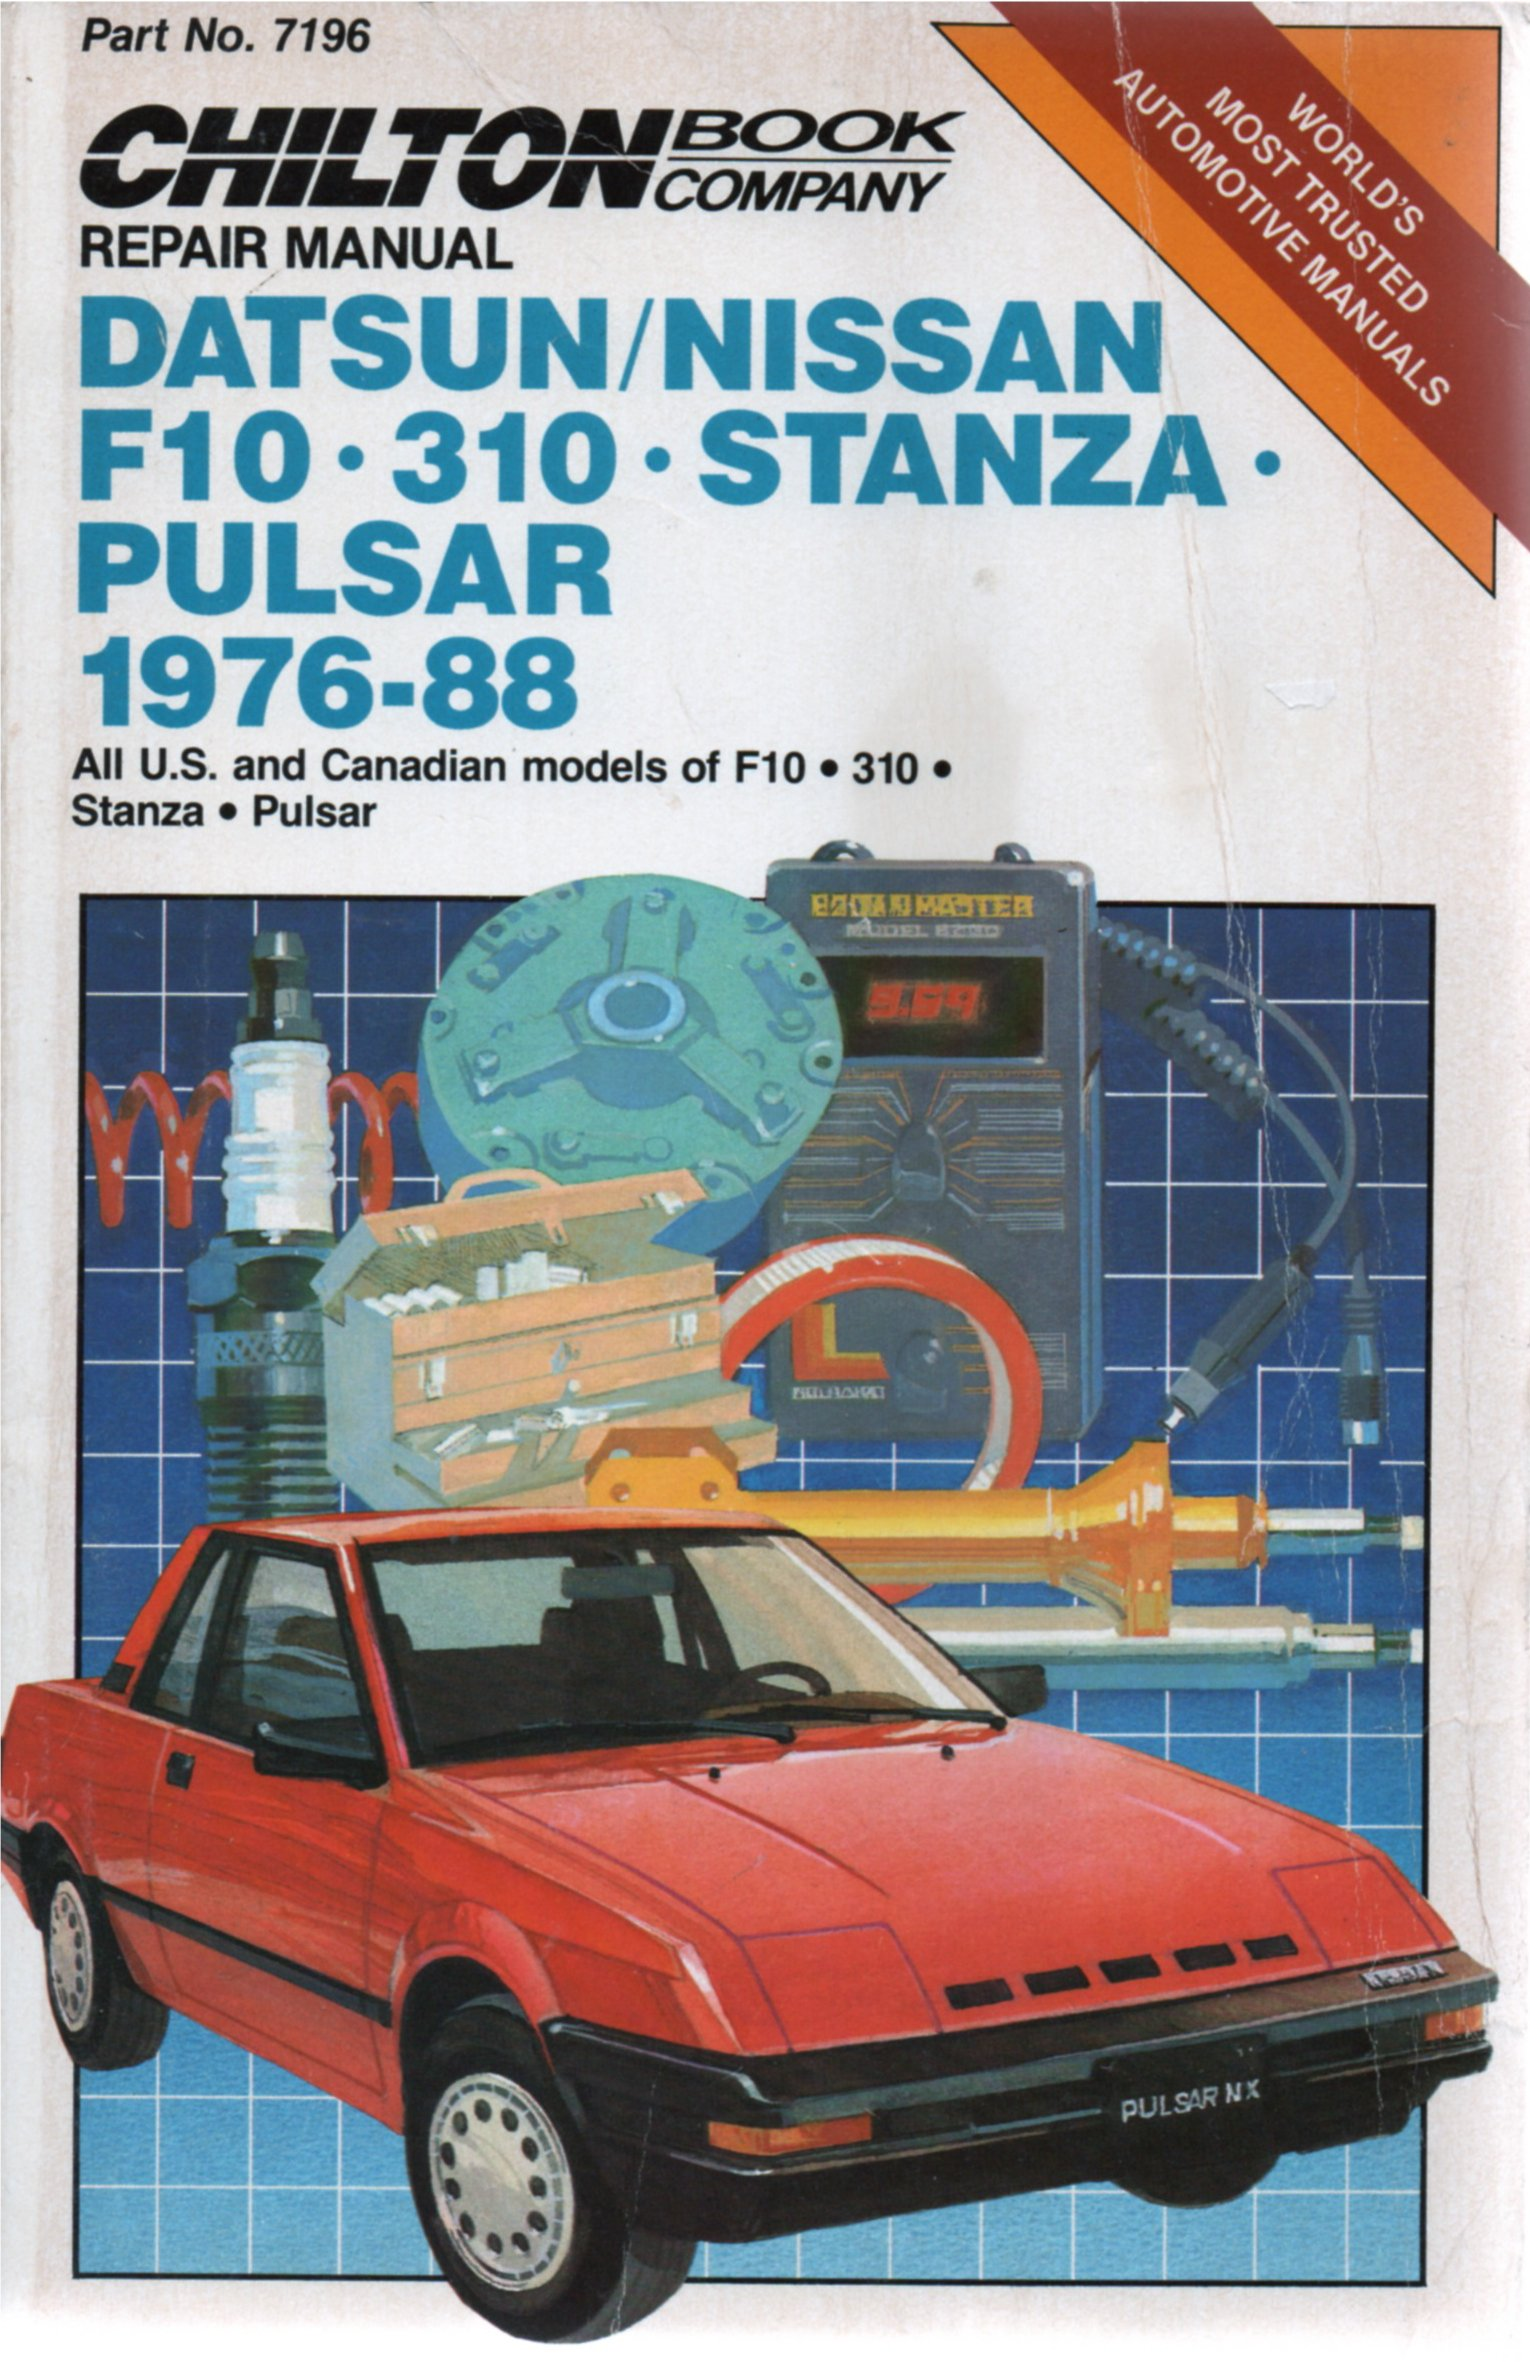 Chilton's Repair Manual Datsun/Nissan F10, 310, Stanza, Pulsar 1976-88:  Chilton Book Company, Chilton's Automotives Editorial: 9780801978531:  Amazon.com: ...